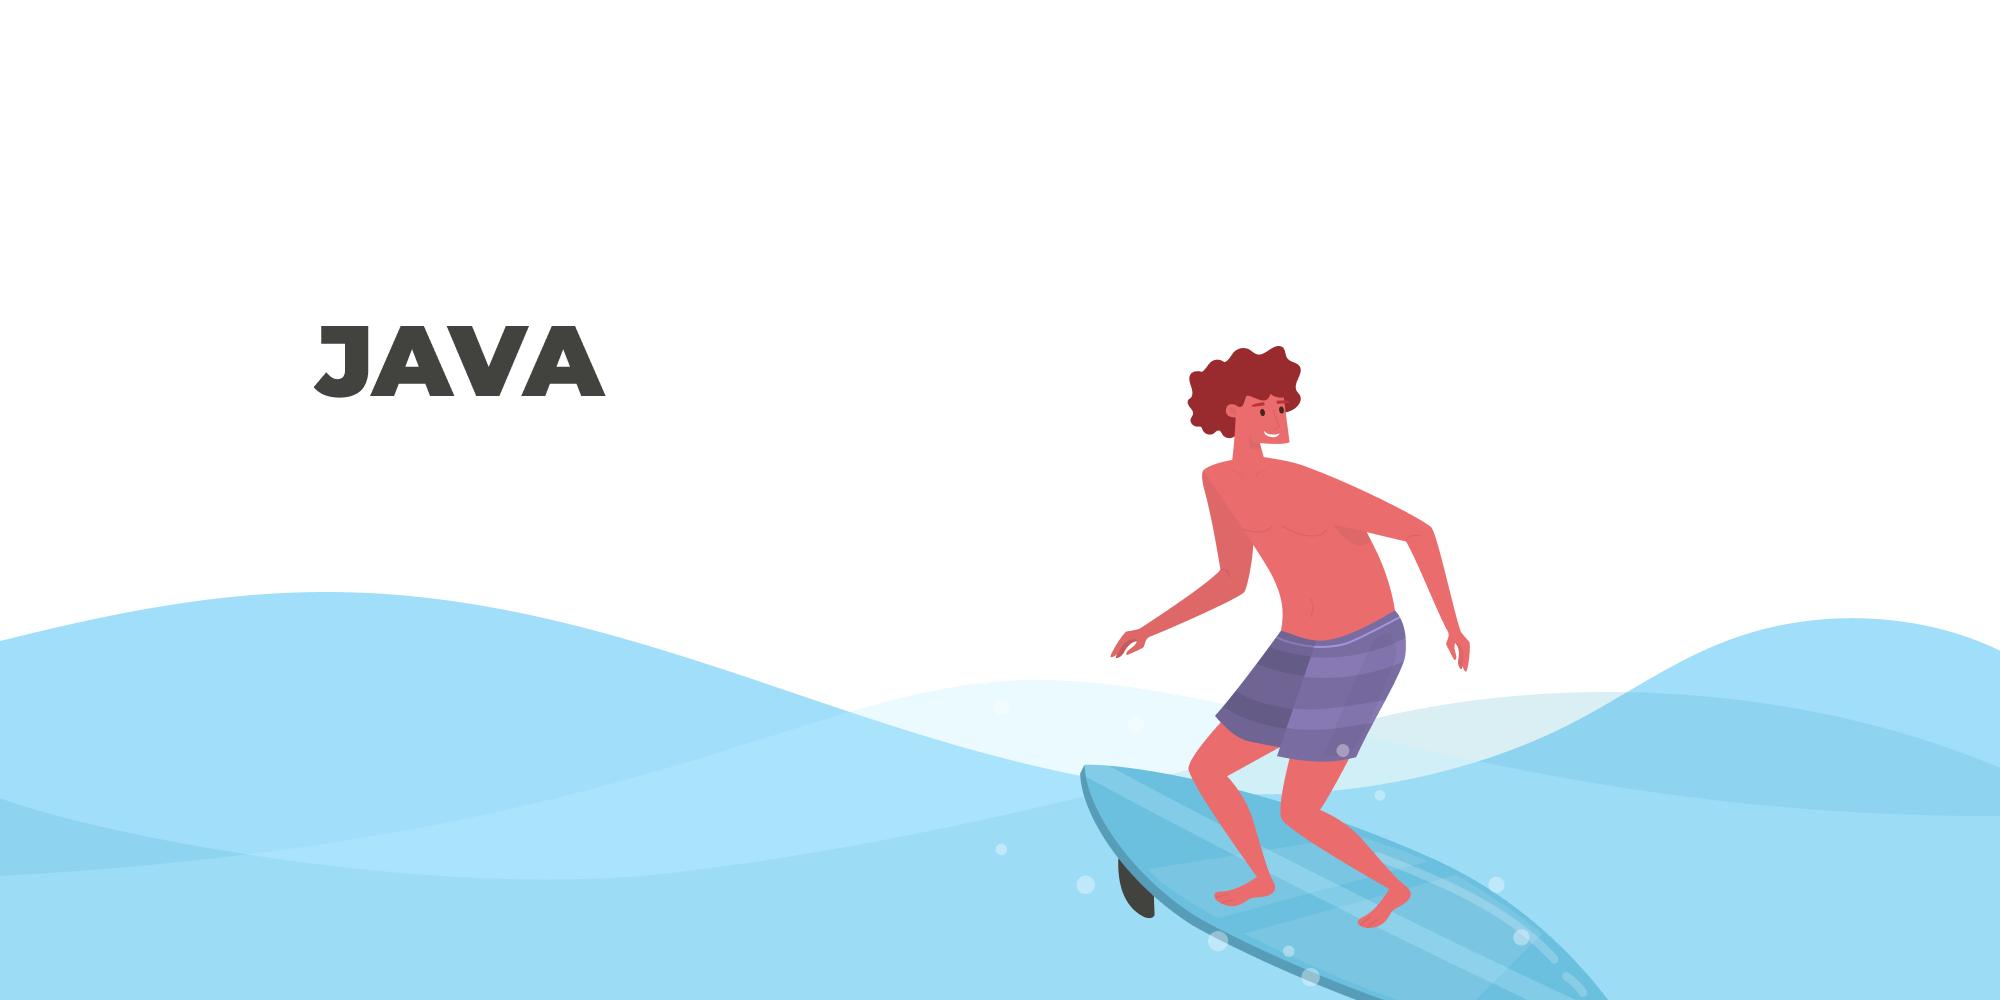 Тест на общие знания для Java-разработчика